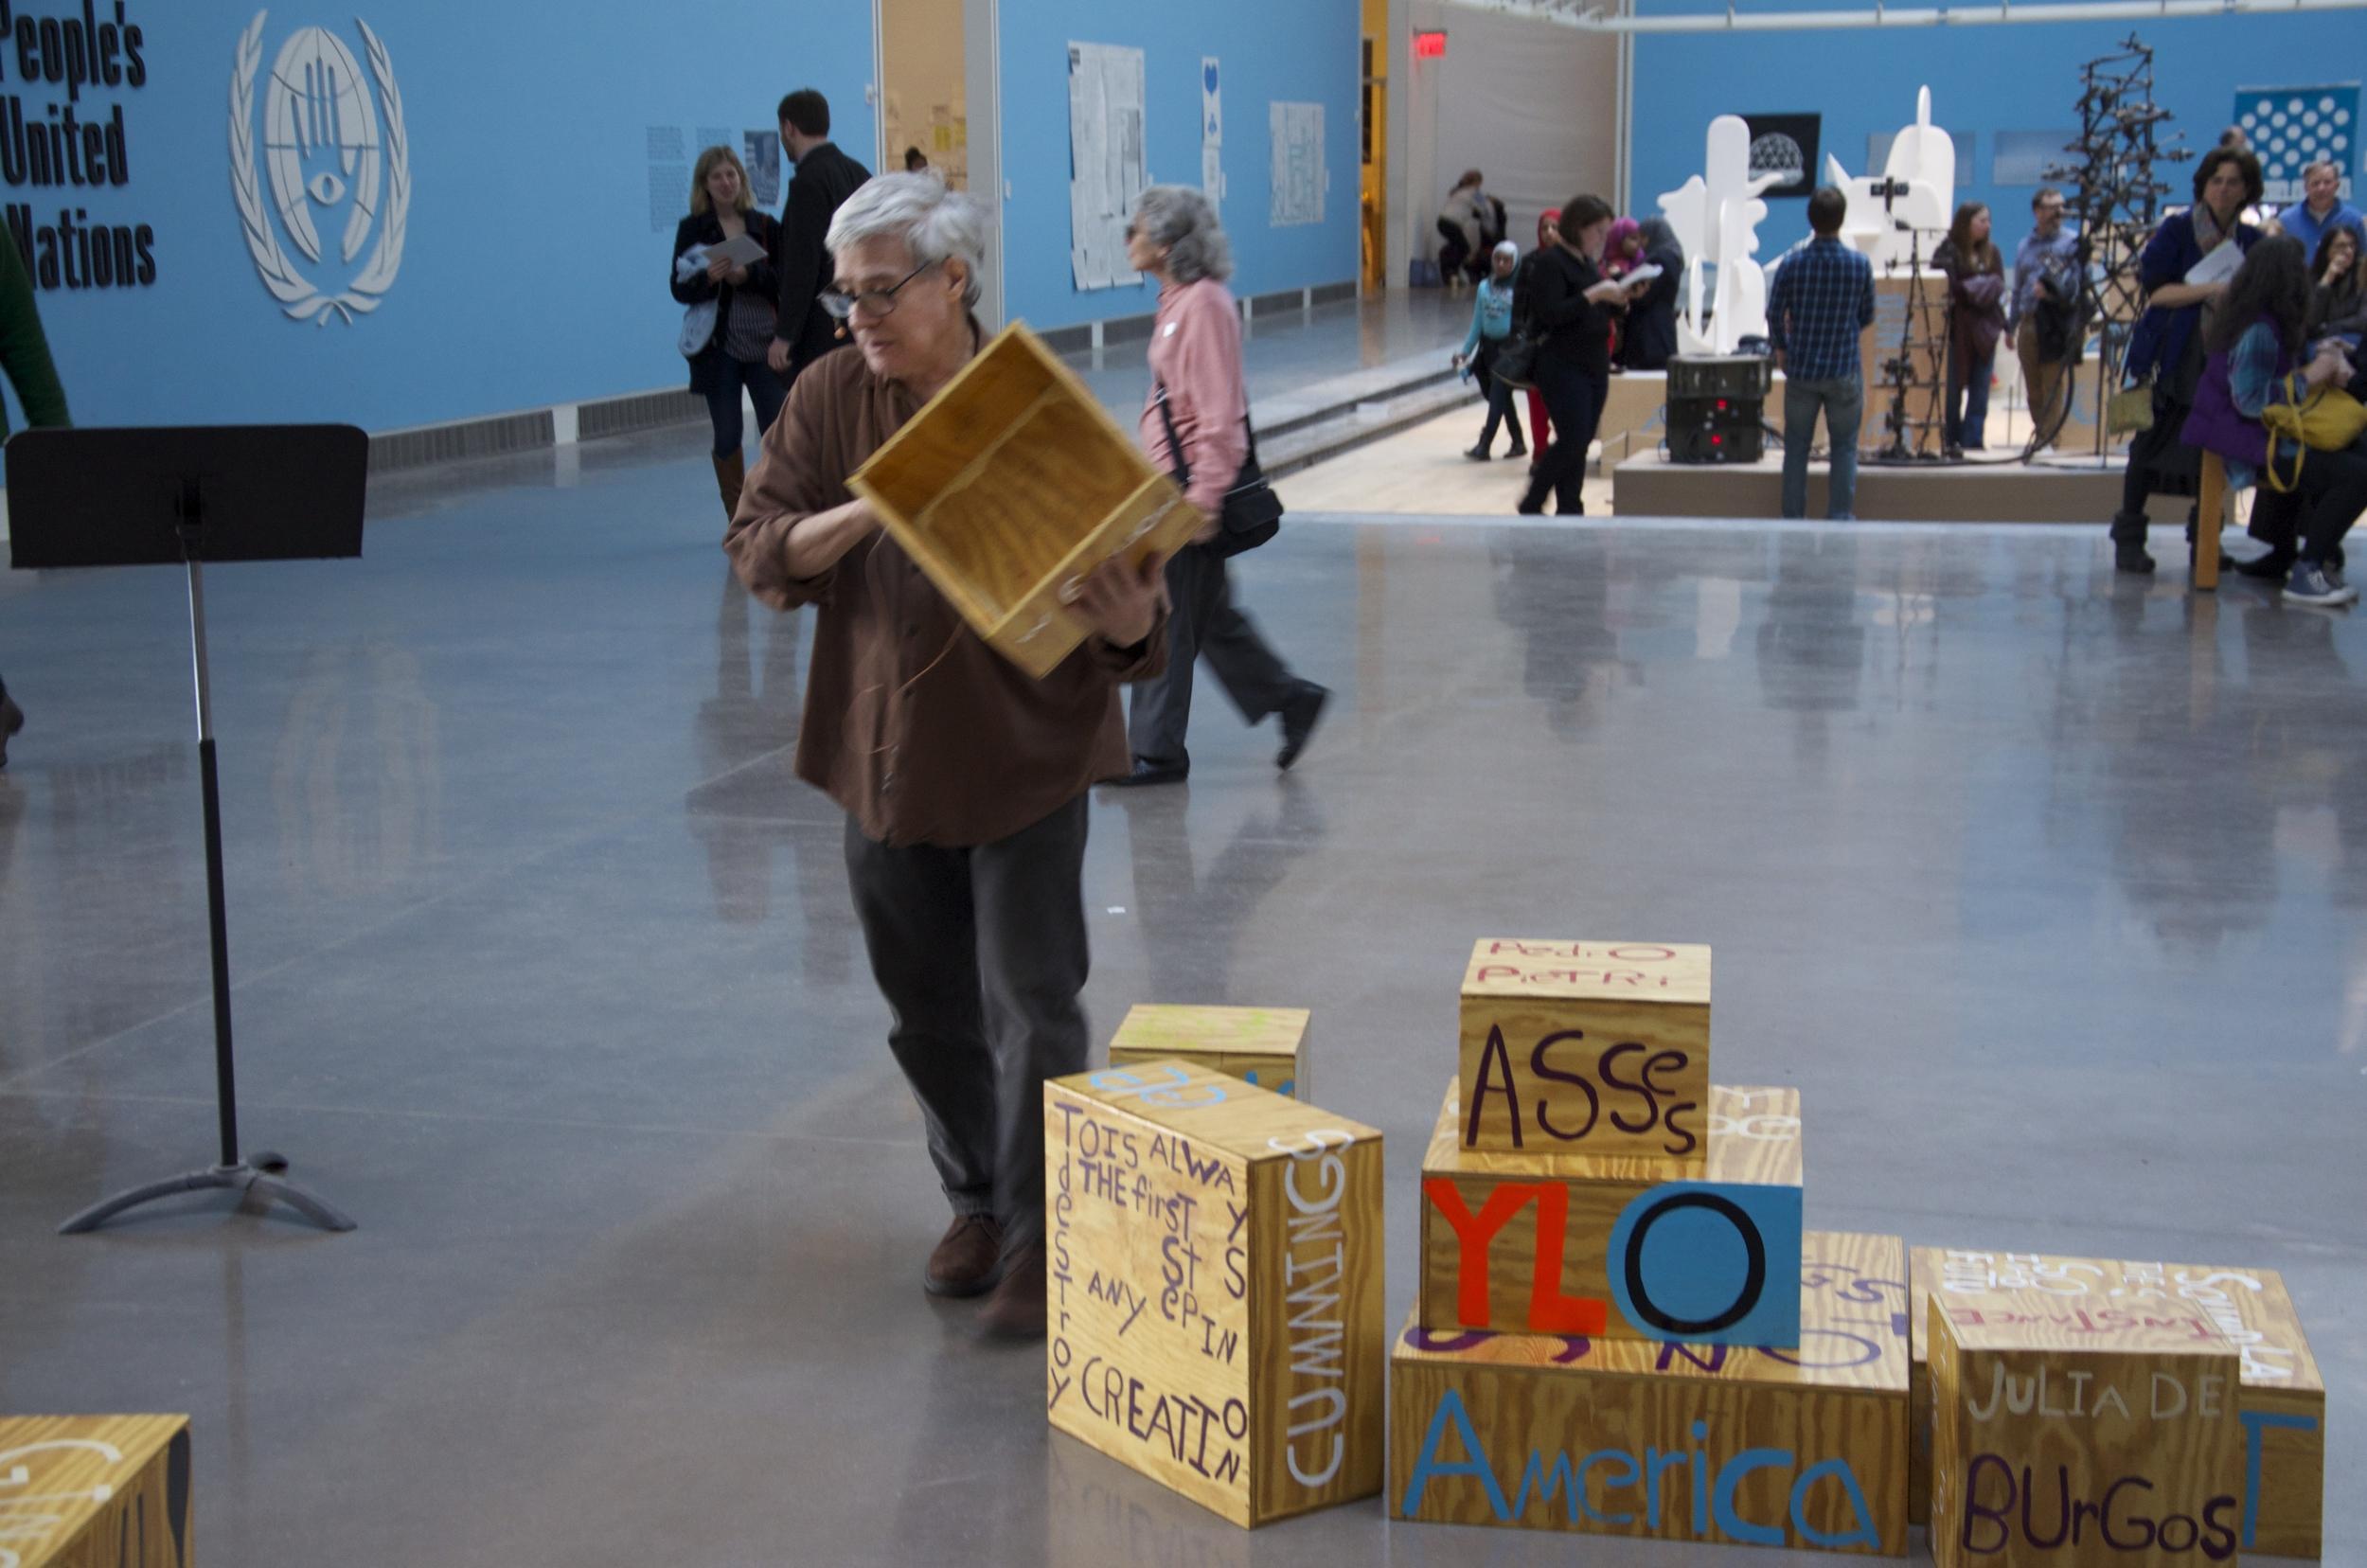 Poet Sculpture, Queens Museum, Steve Dalachinsky, Queens, NY 2014.jpg.jpg